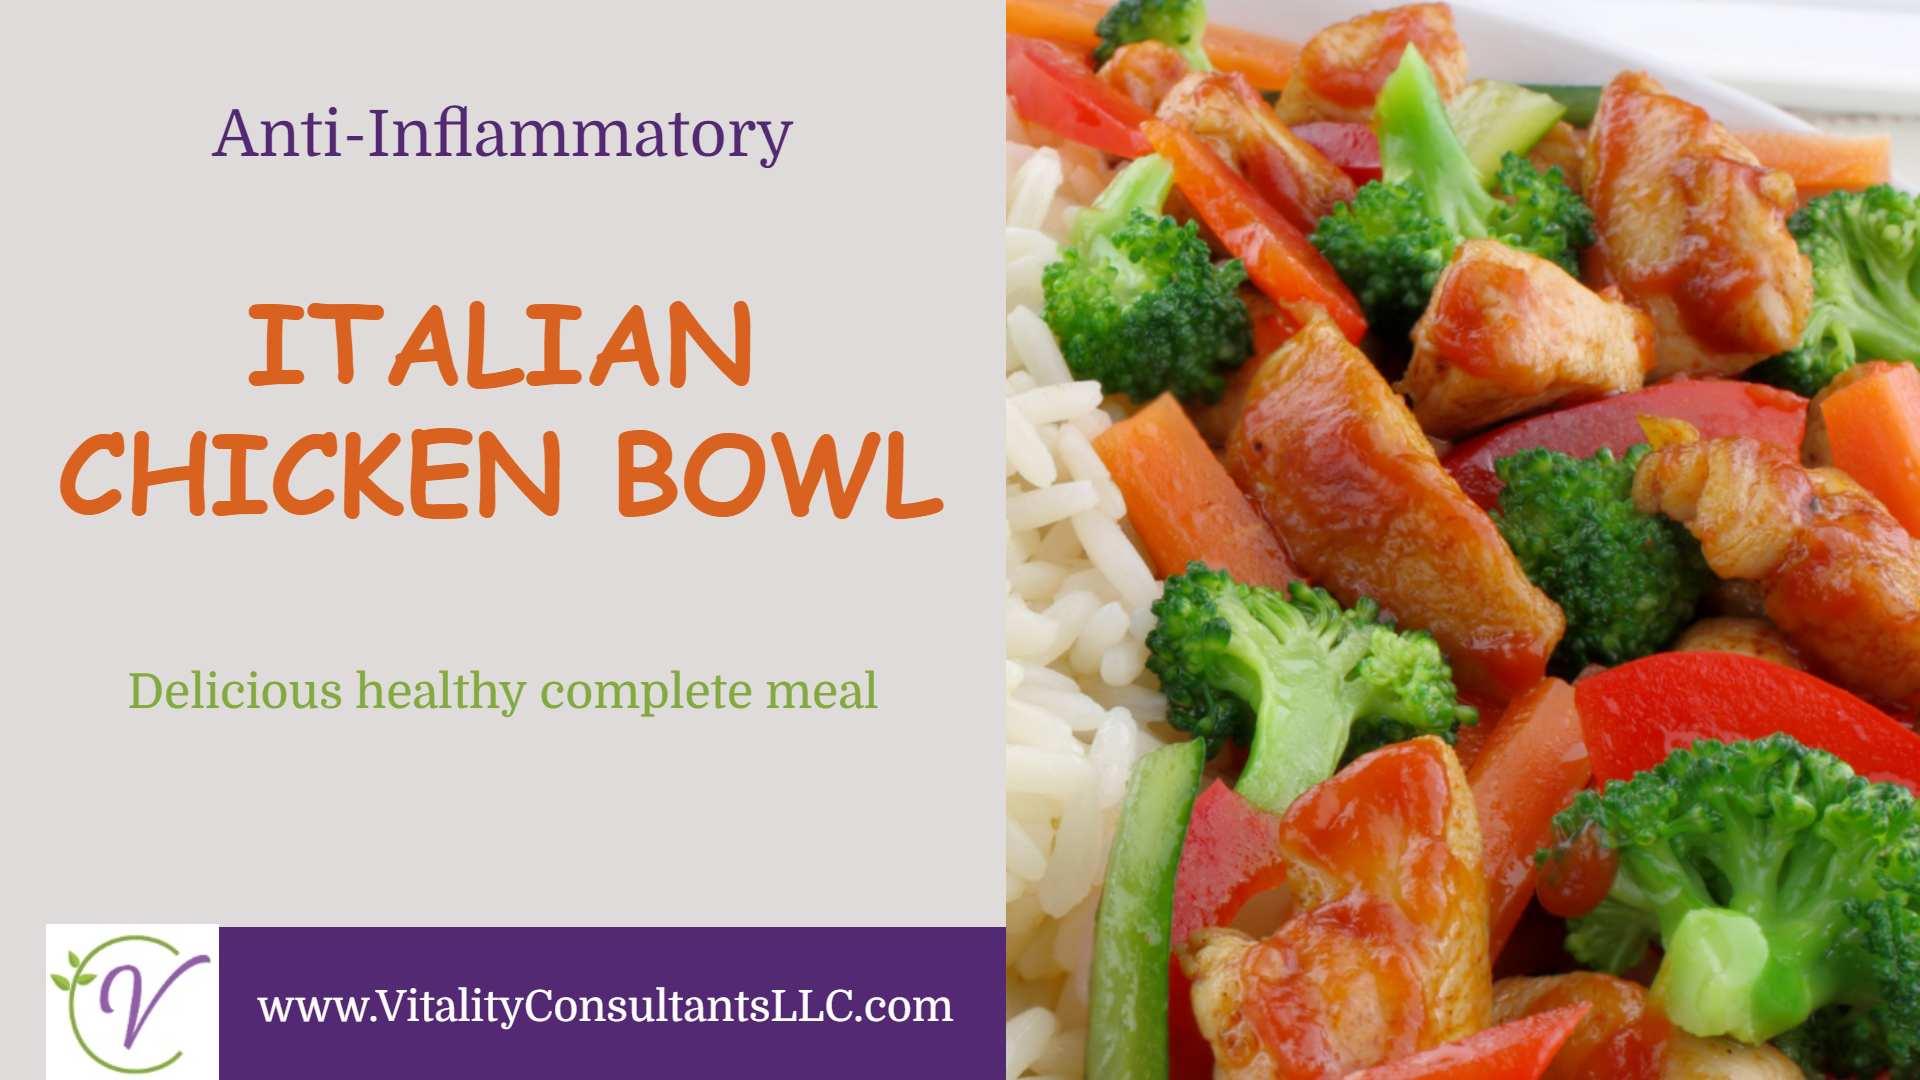 Italian Chicken Bowl